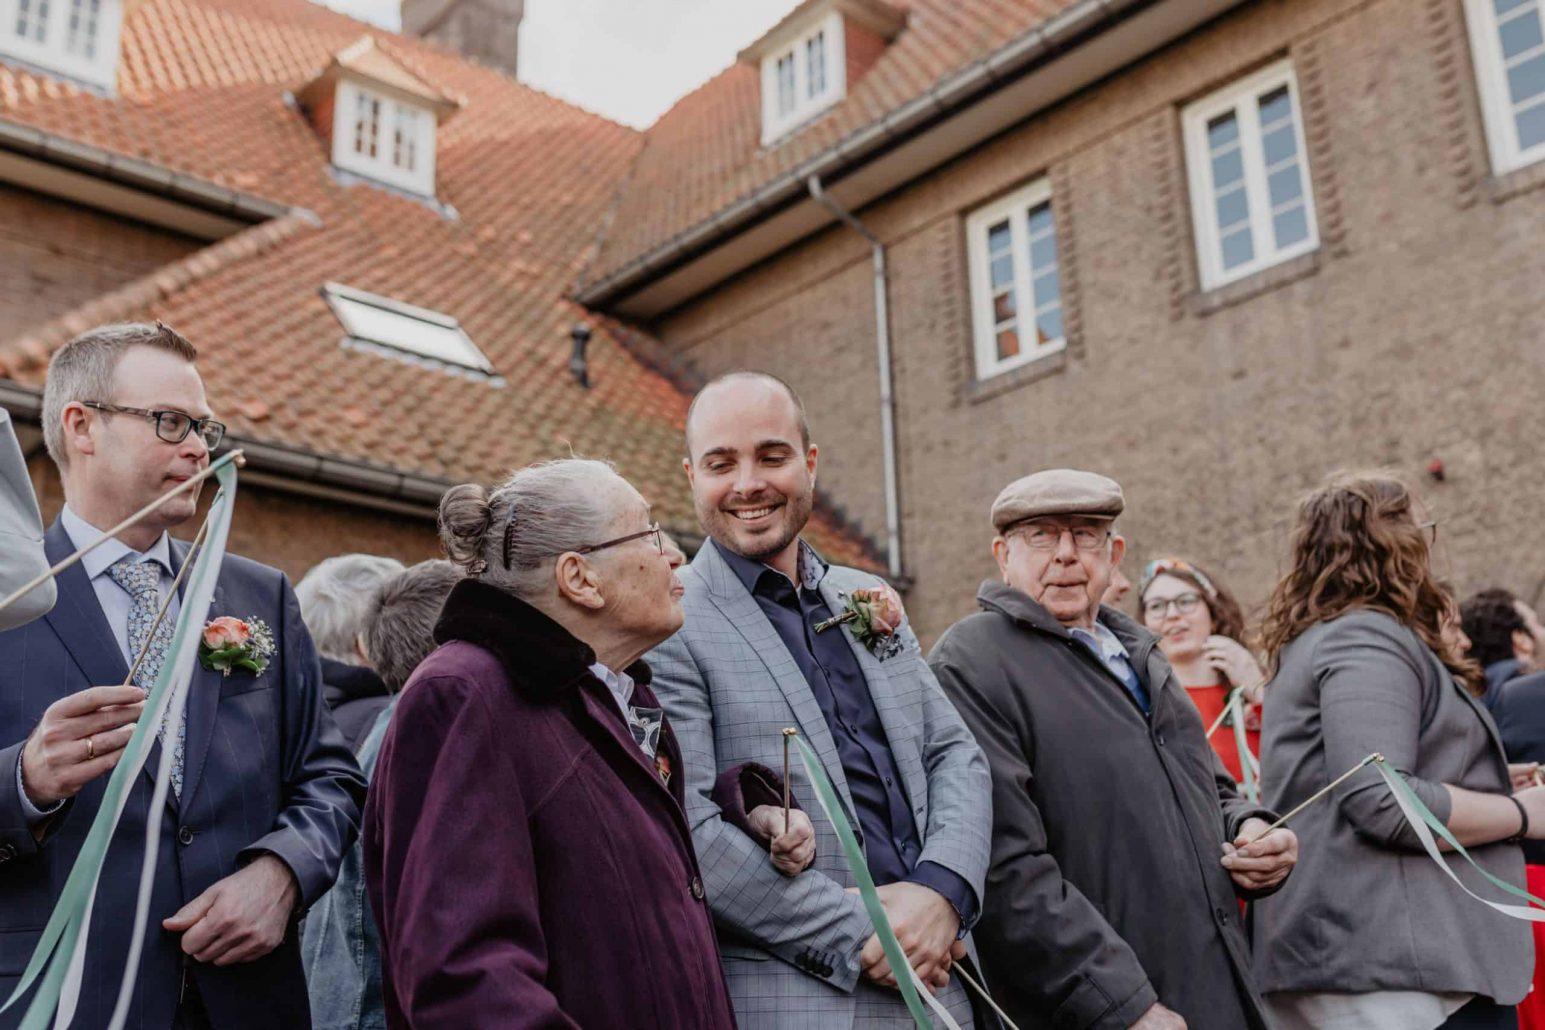 Bruiloft Sliedrecht Wijngaarden - Willeke Terlouw Fotografie (50)